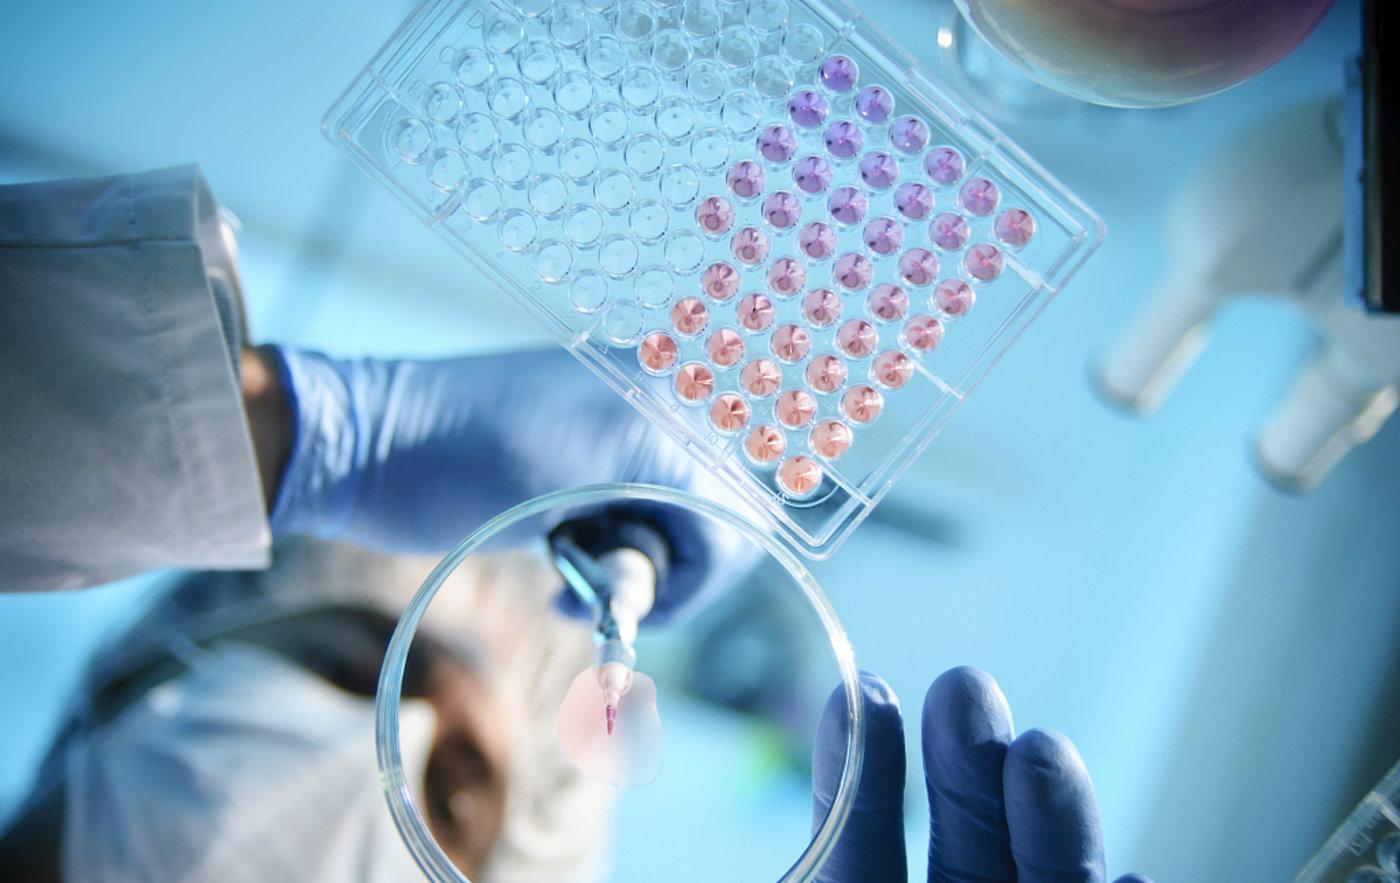 基因测序会带来更好的未来吗?